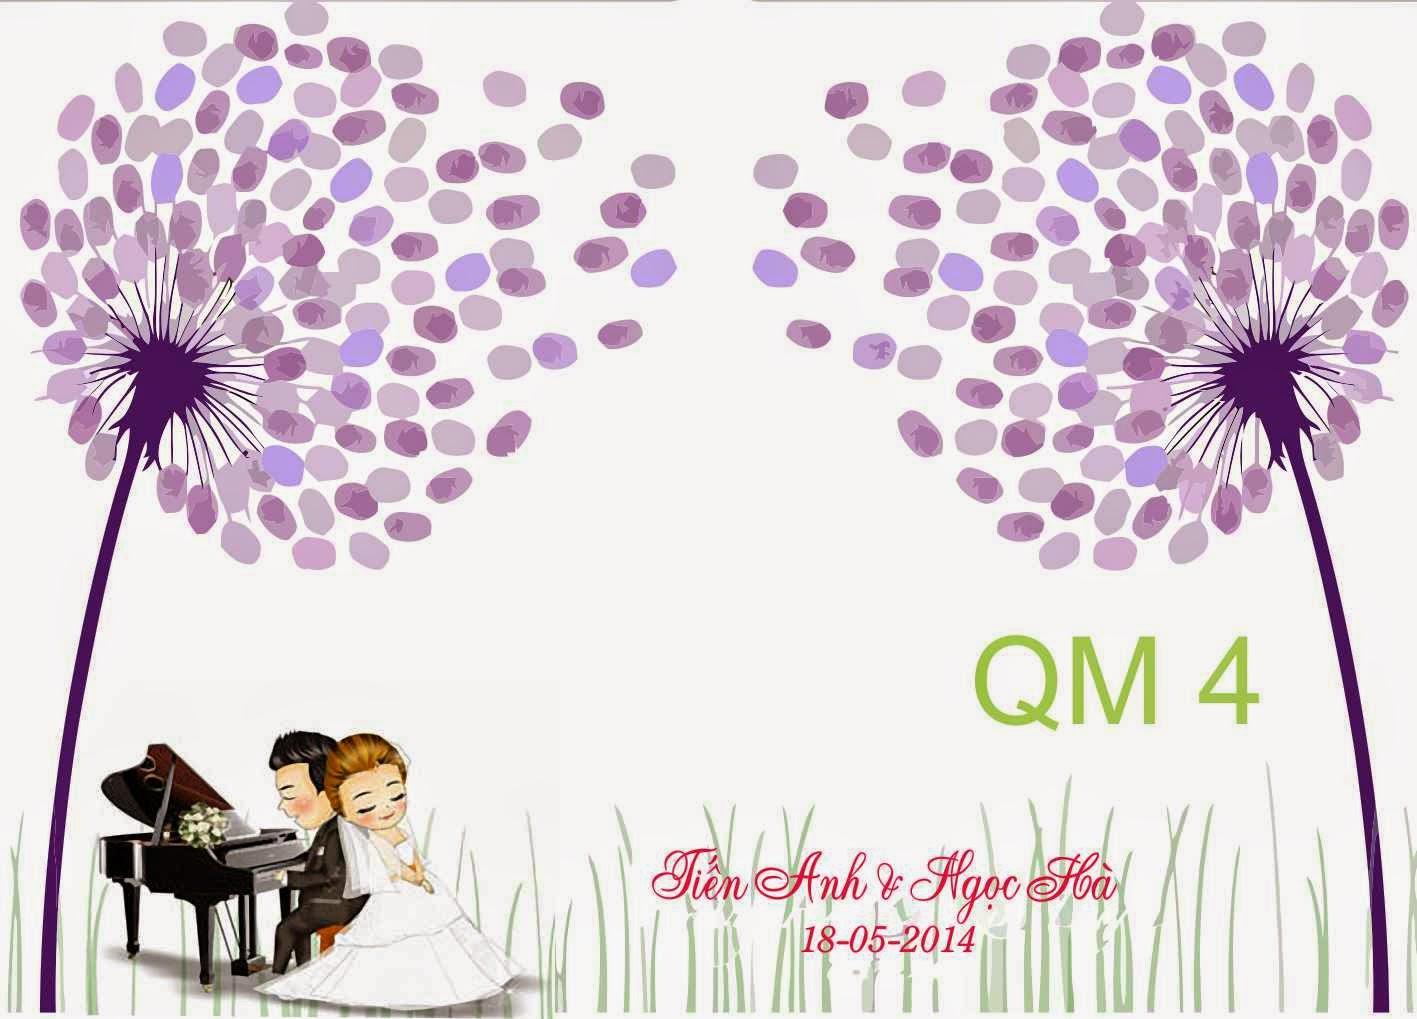 Tranh+QM+4.jpg